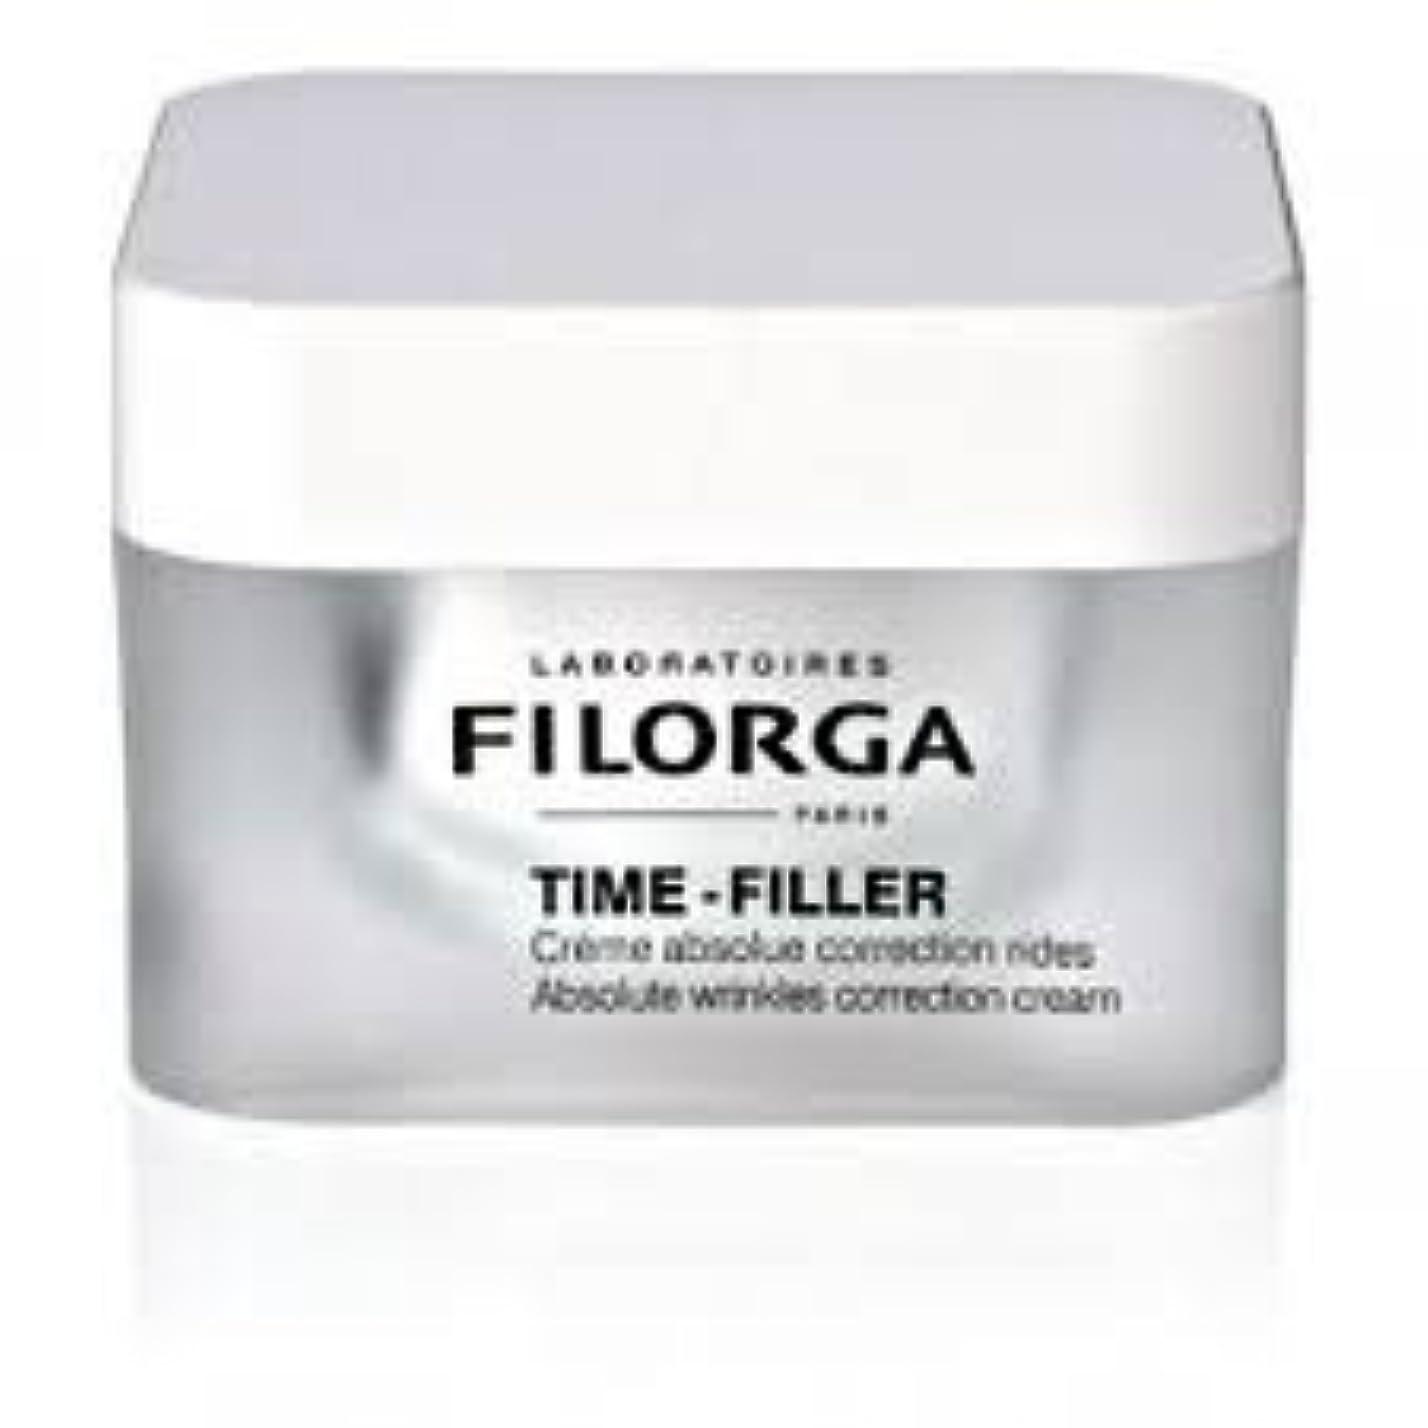 変化する嵐が丘できたフィロルガ[FILORGA]タイム フィラー 50ML TIME FILLER 50ML [海外直送品] [並行輸入品]